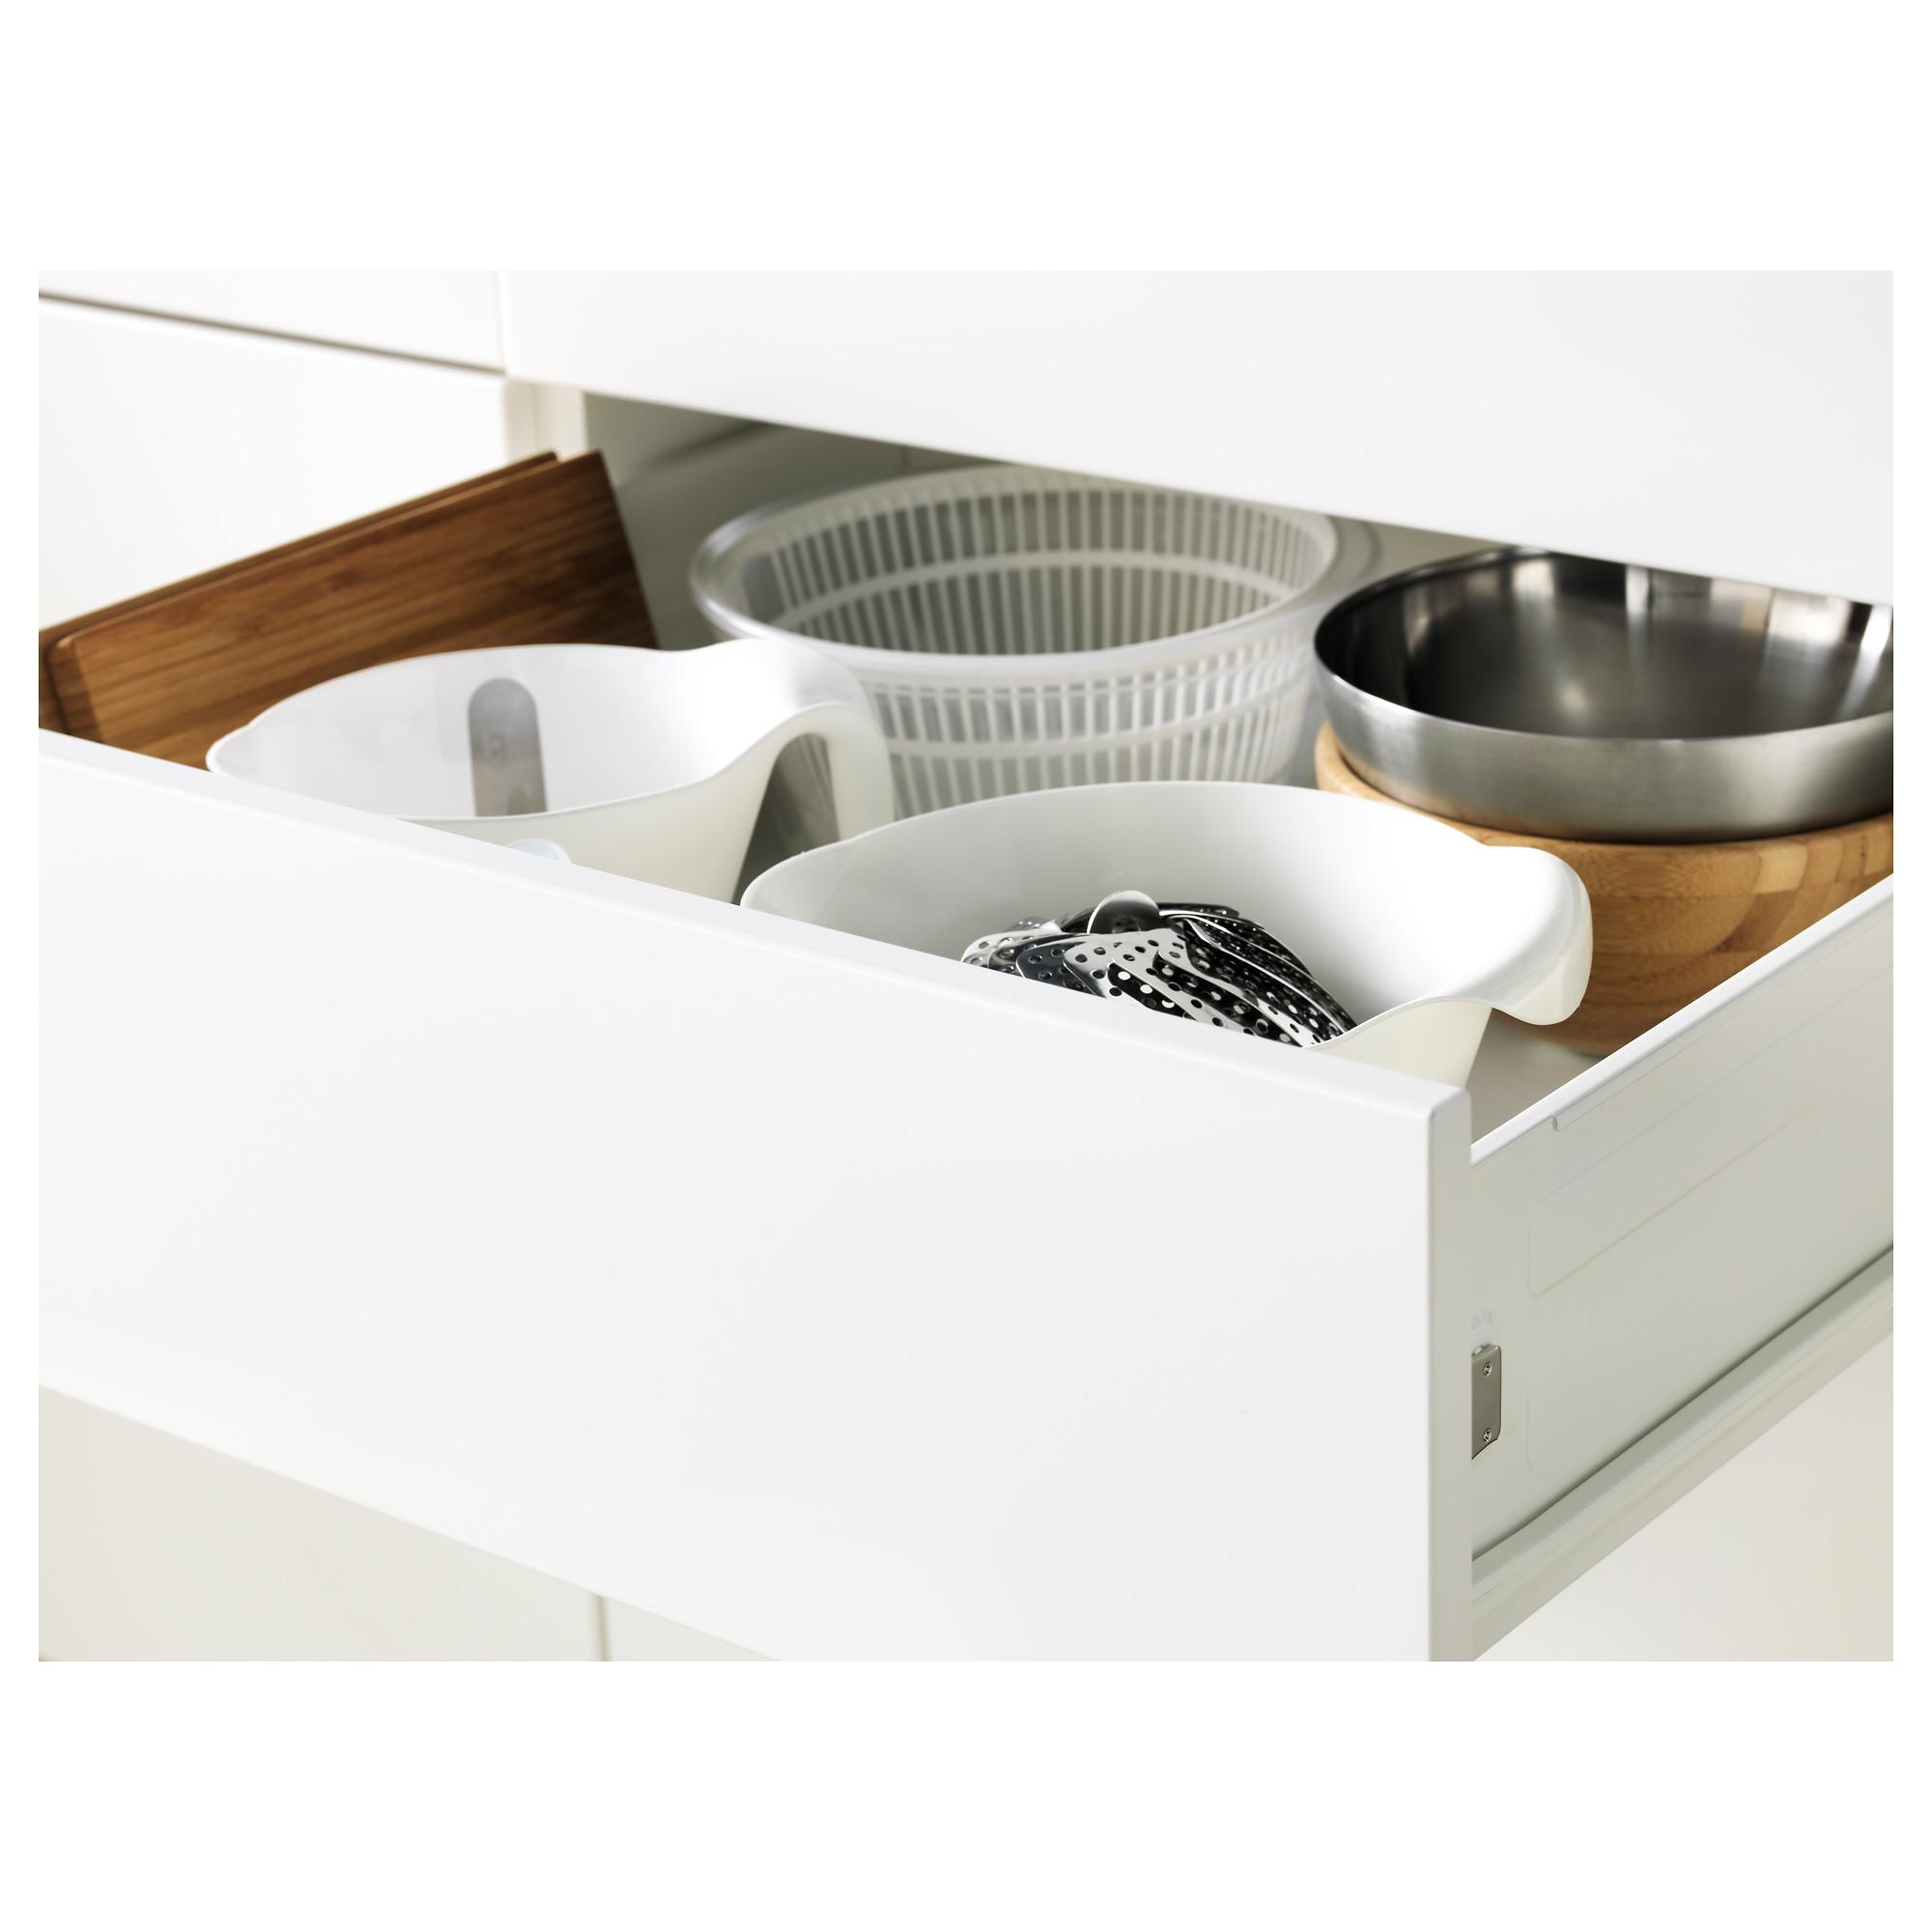 Высокий шкаф для духовки, дверца, 4 ящика МЕТОД / ФОРВАРА черный артикуль № 392.674.37 в наличии. Online магазин IKEA РБ. Быстрая доставка и соборка.